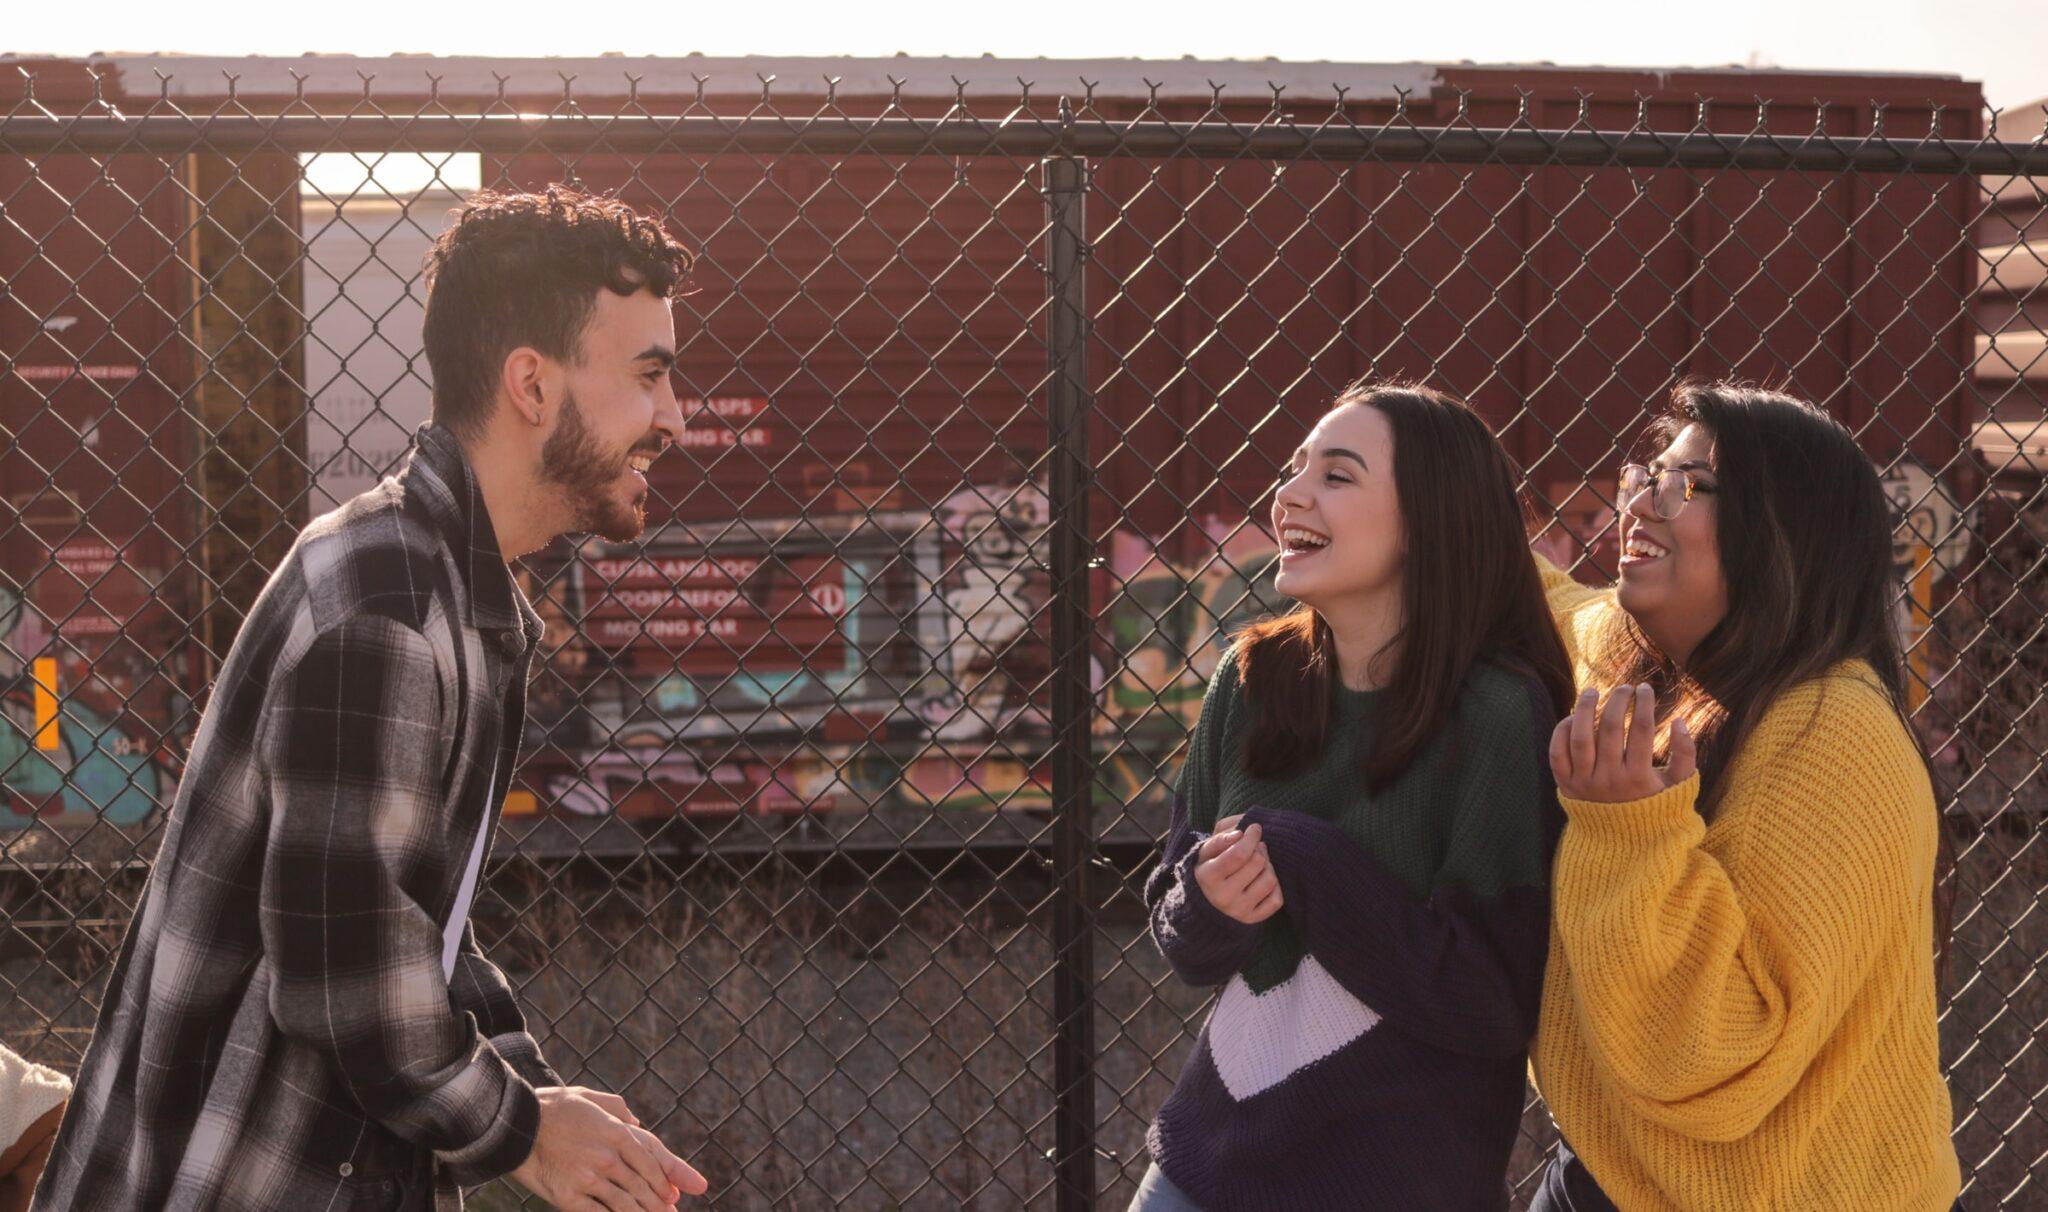 Ein Mann erzählt etwas lustiges, worüber 2 Frauen lachen. Sie stehen draussen, im Hintergrund ist ein Maschendrahtzaun zu sehen.